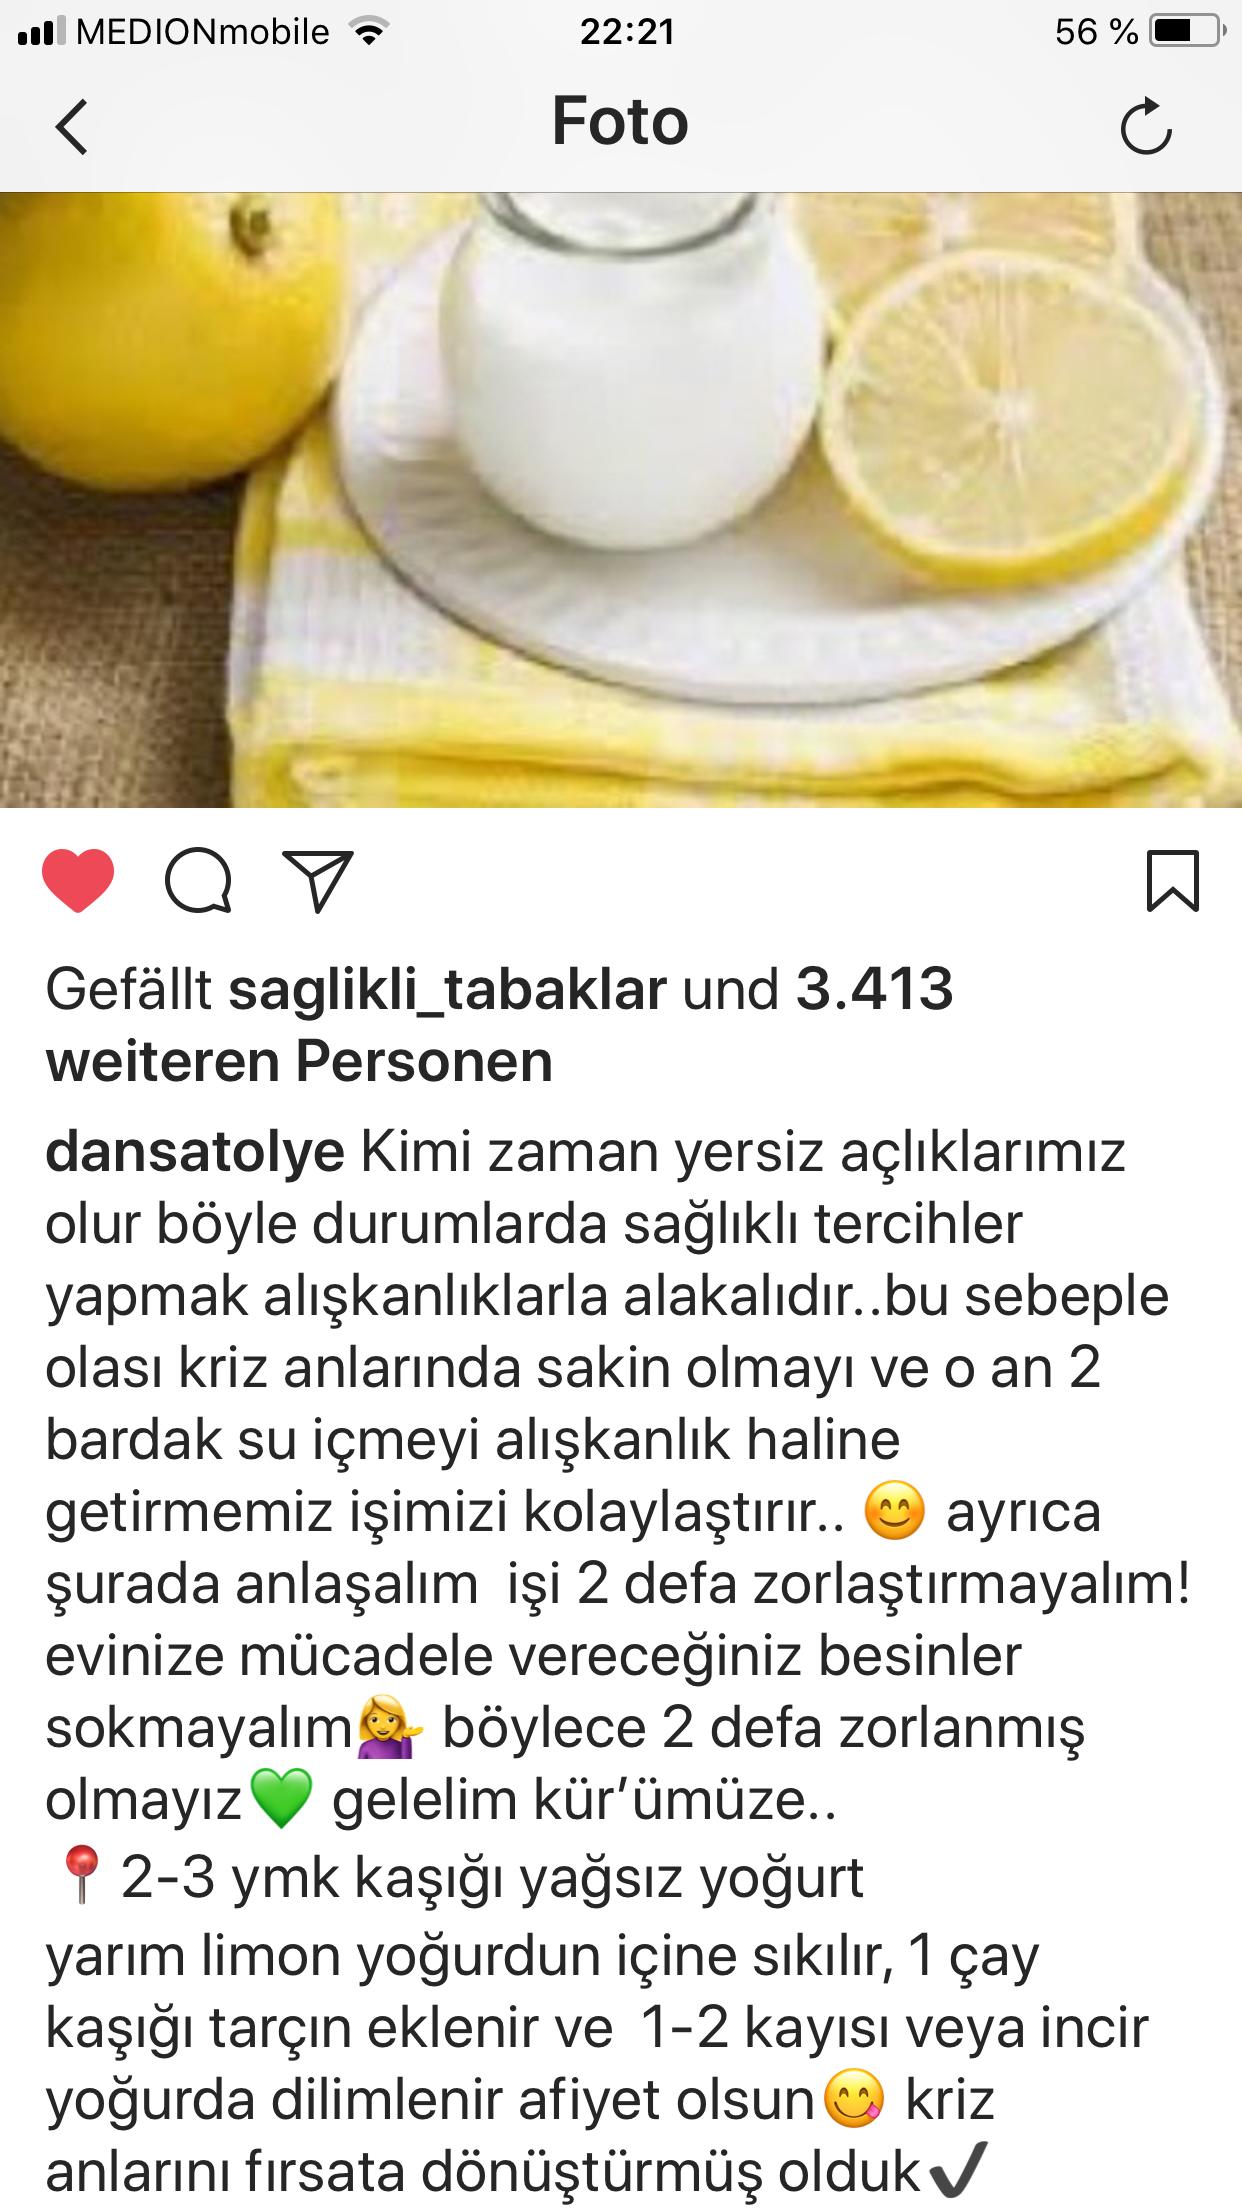 Yoğurt Limon Kürü